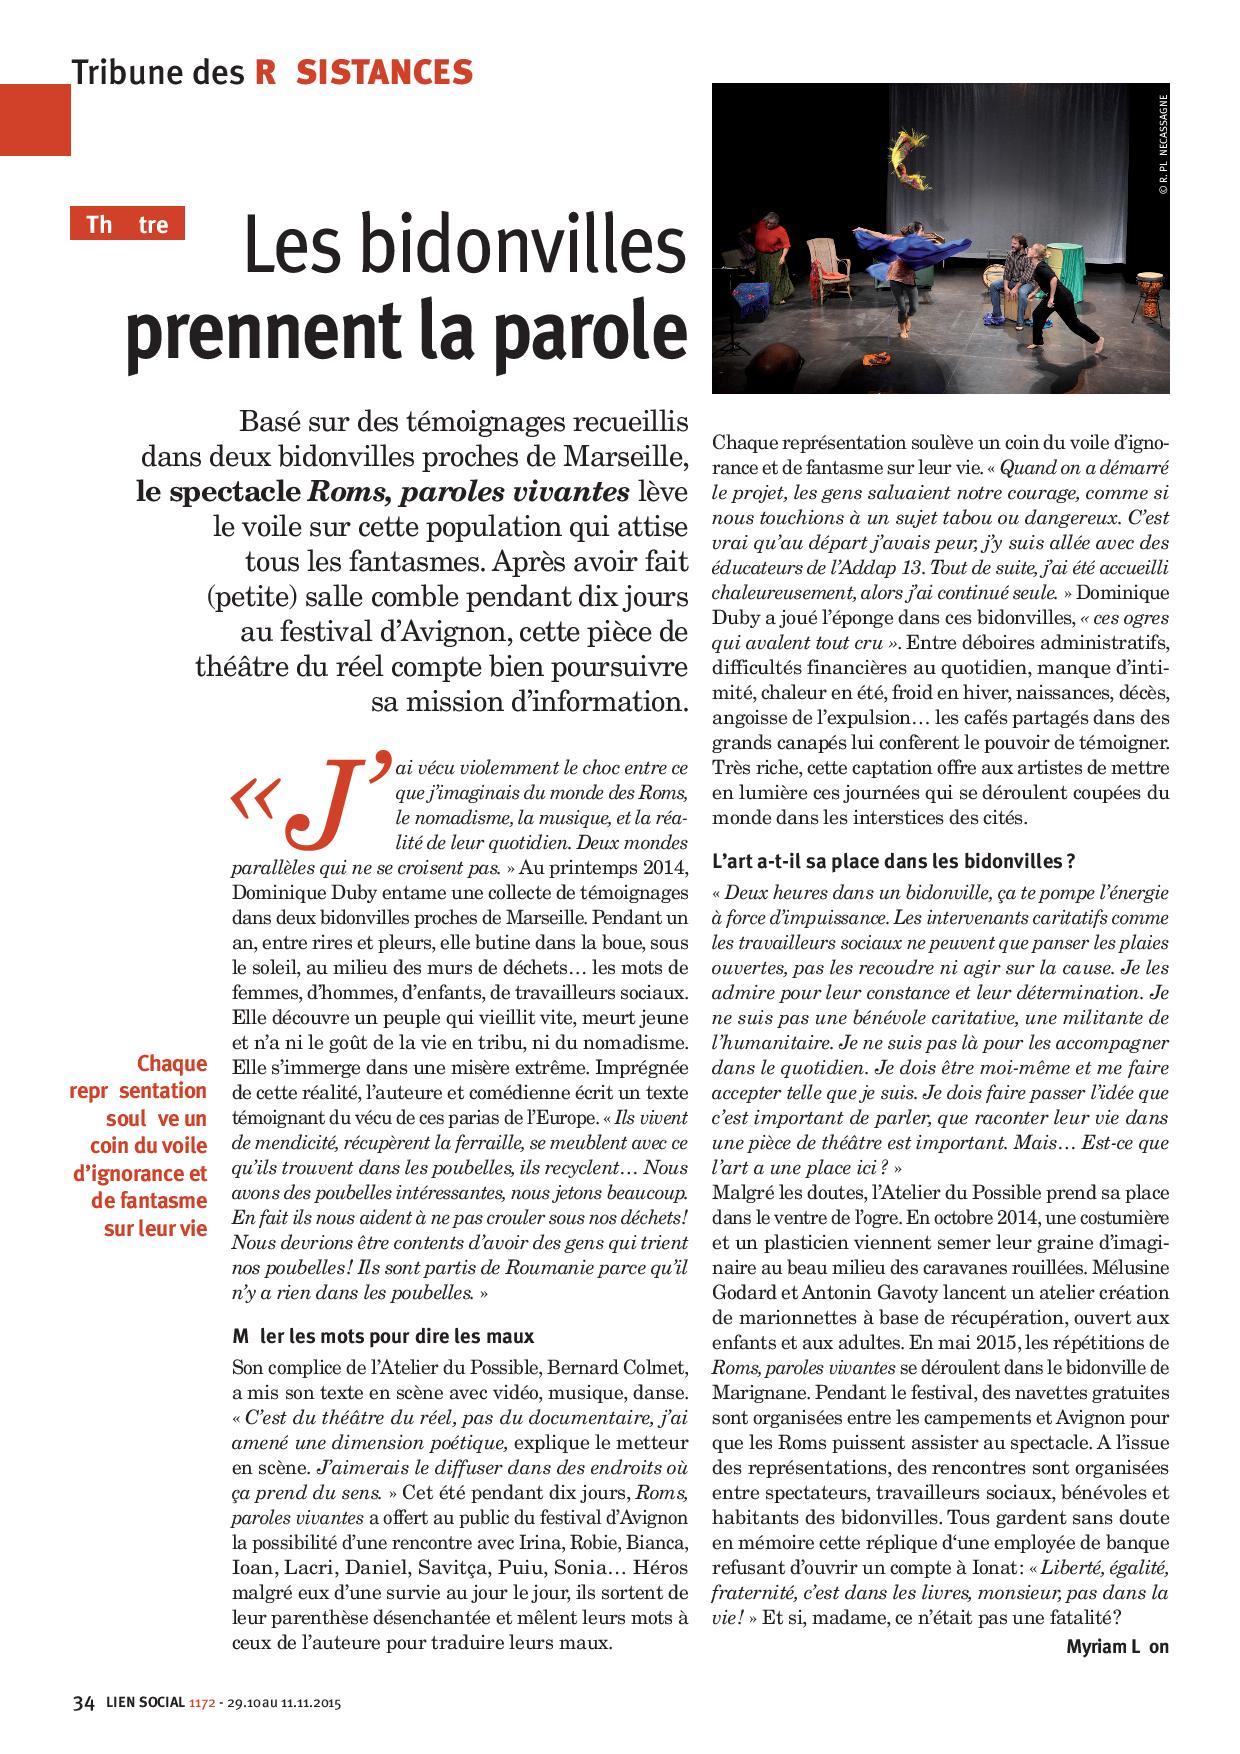 Roms paroles vivantes.Lien Social 1172-page-001